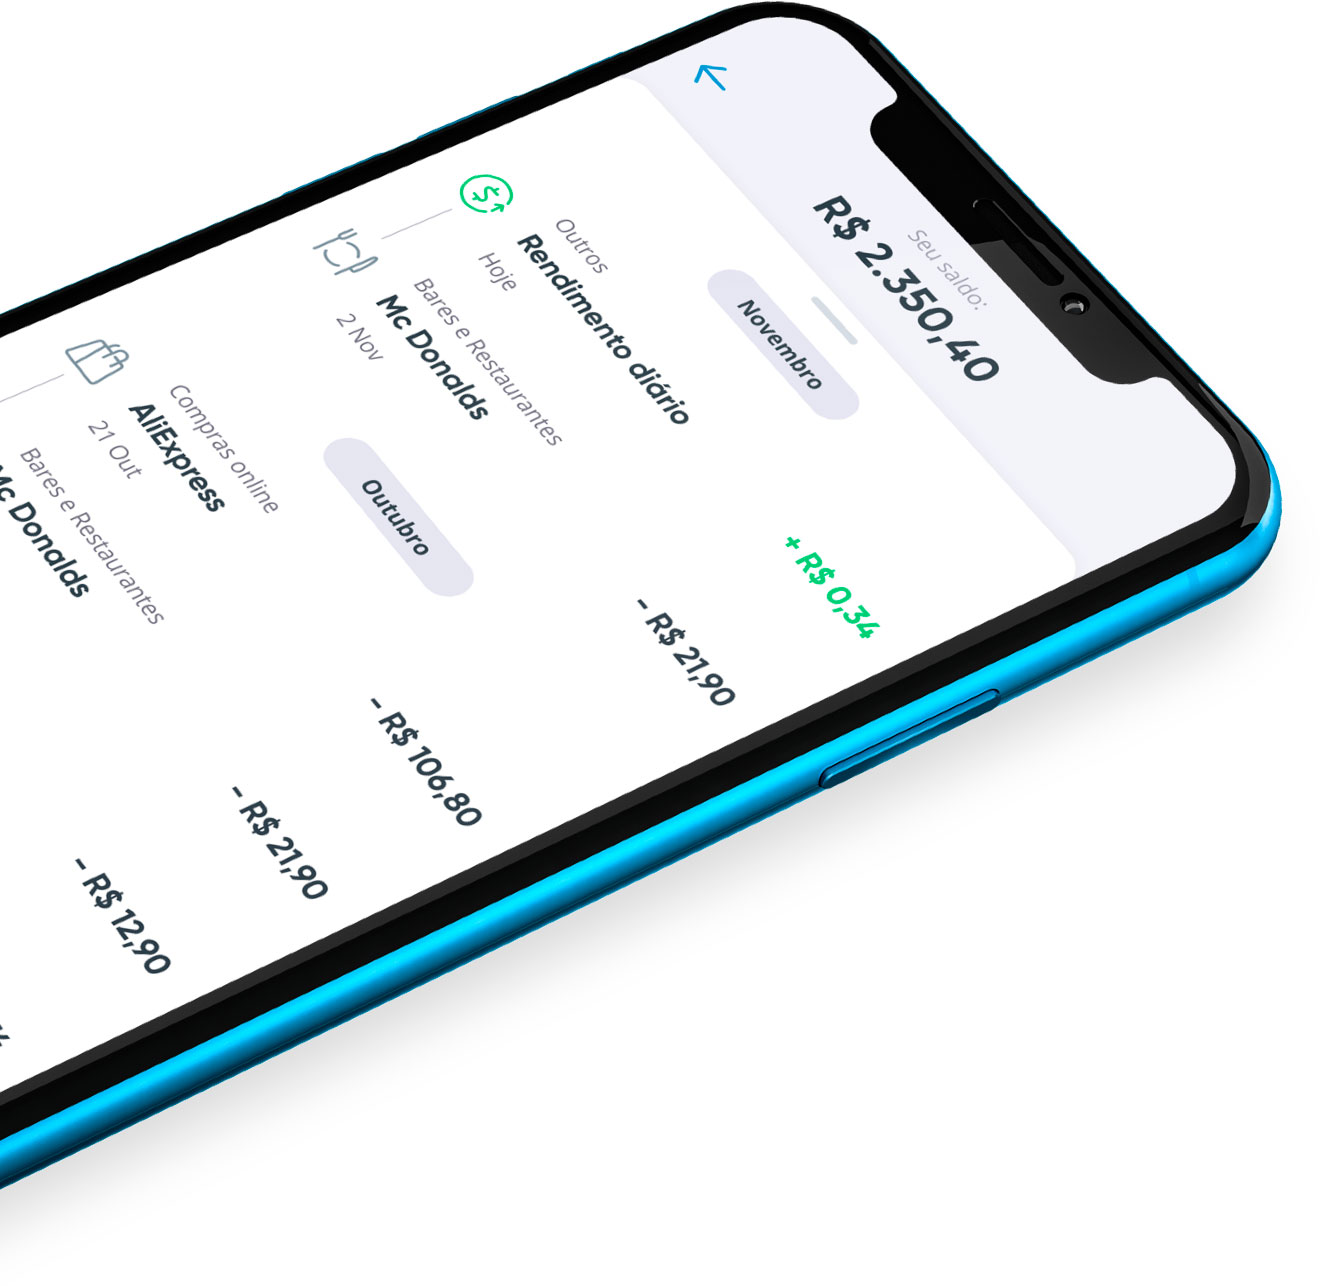 EbanxGo4 Ebanx planeja lançar conta digital com cashback de 5%